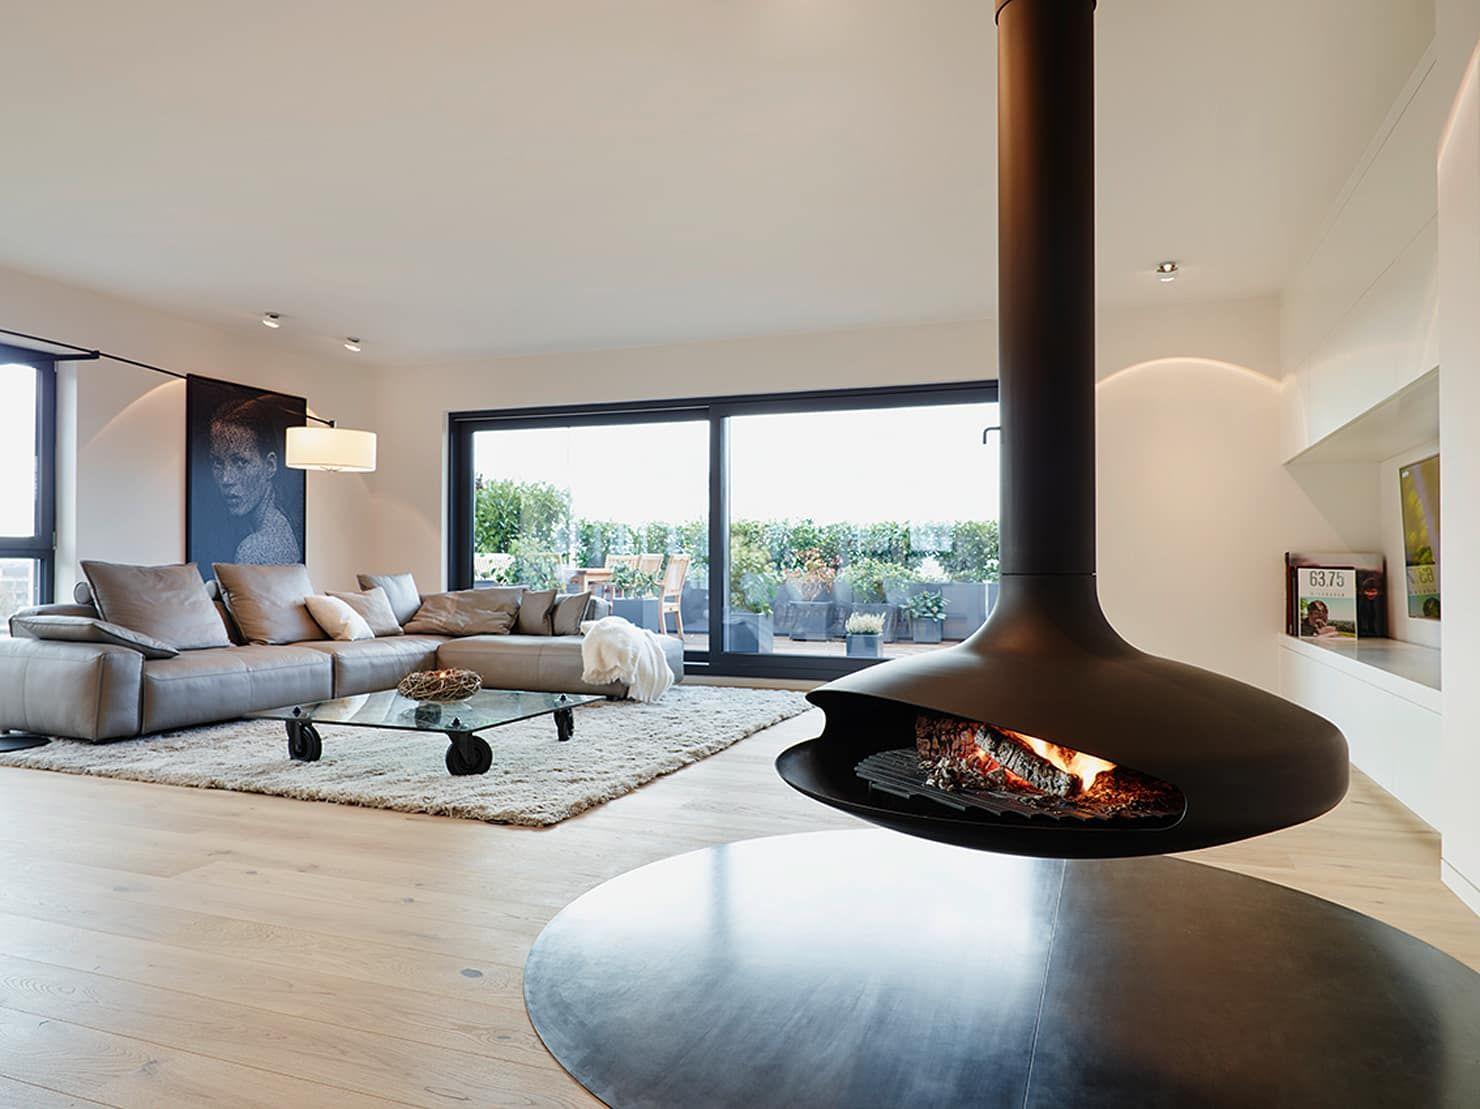 Penthouse moderne wohnzimmer von honeyandspice innenarchitektur